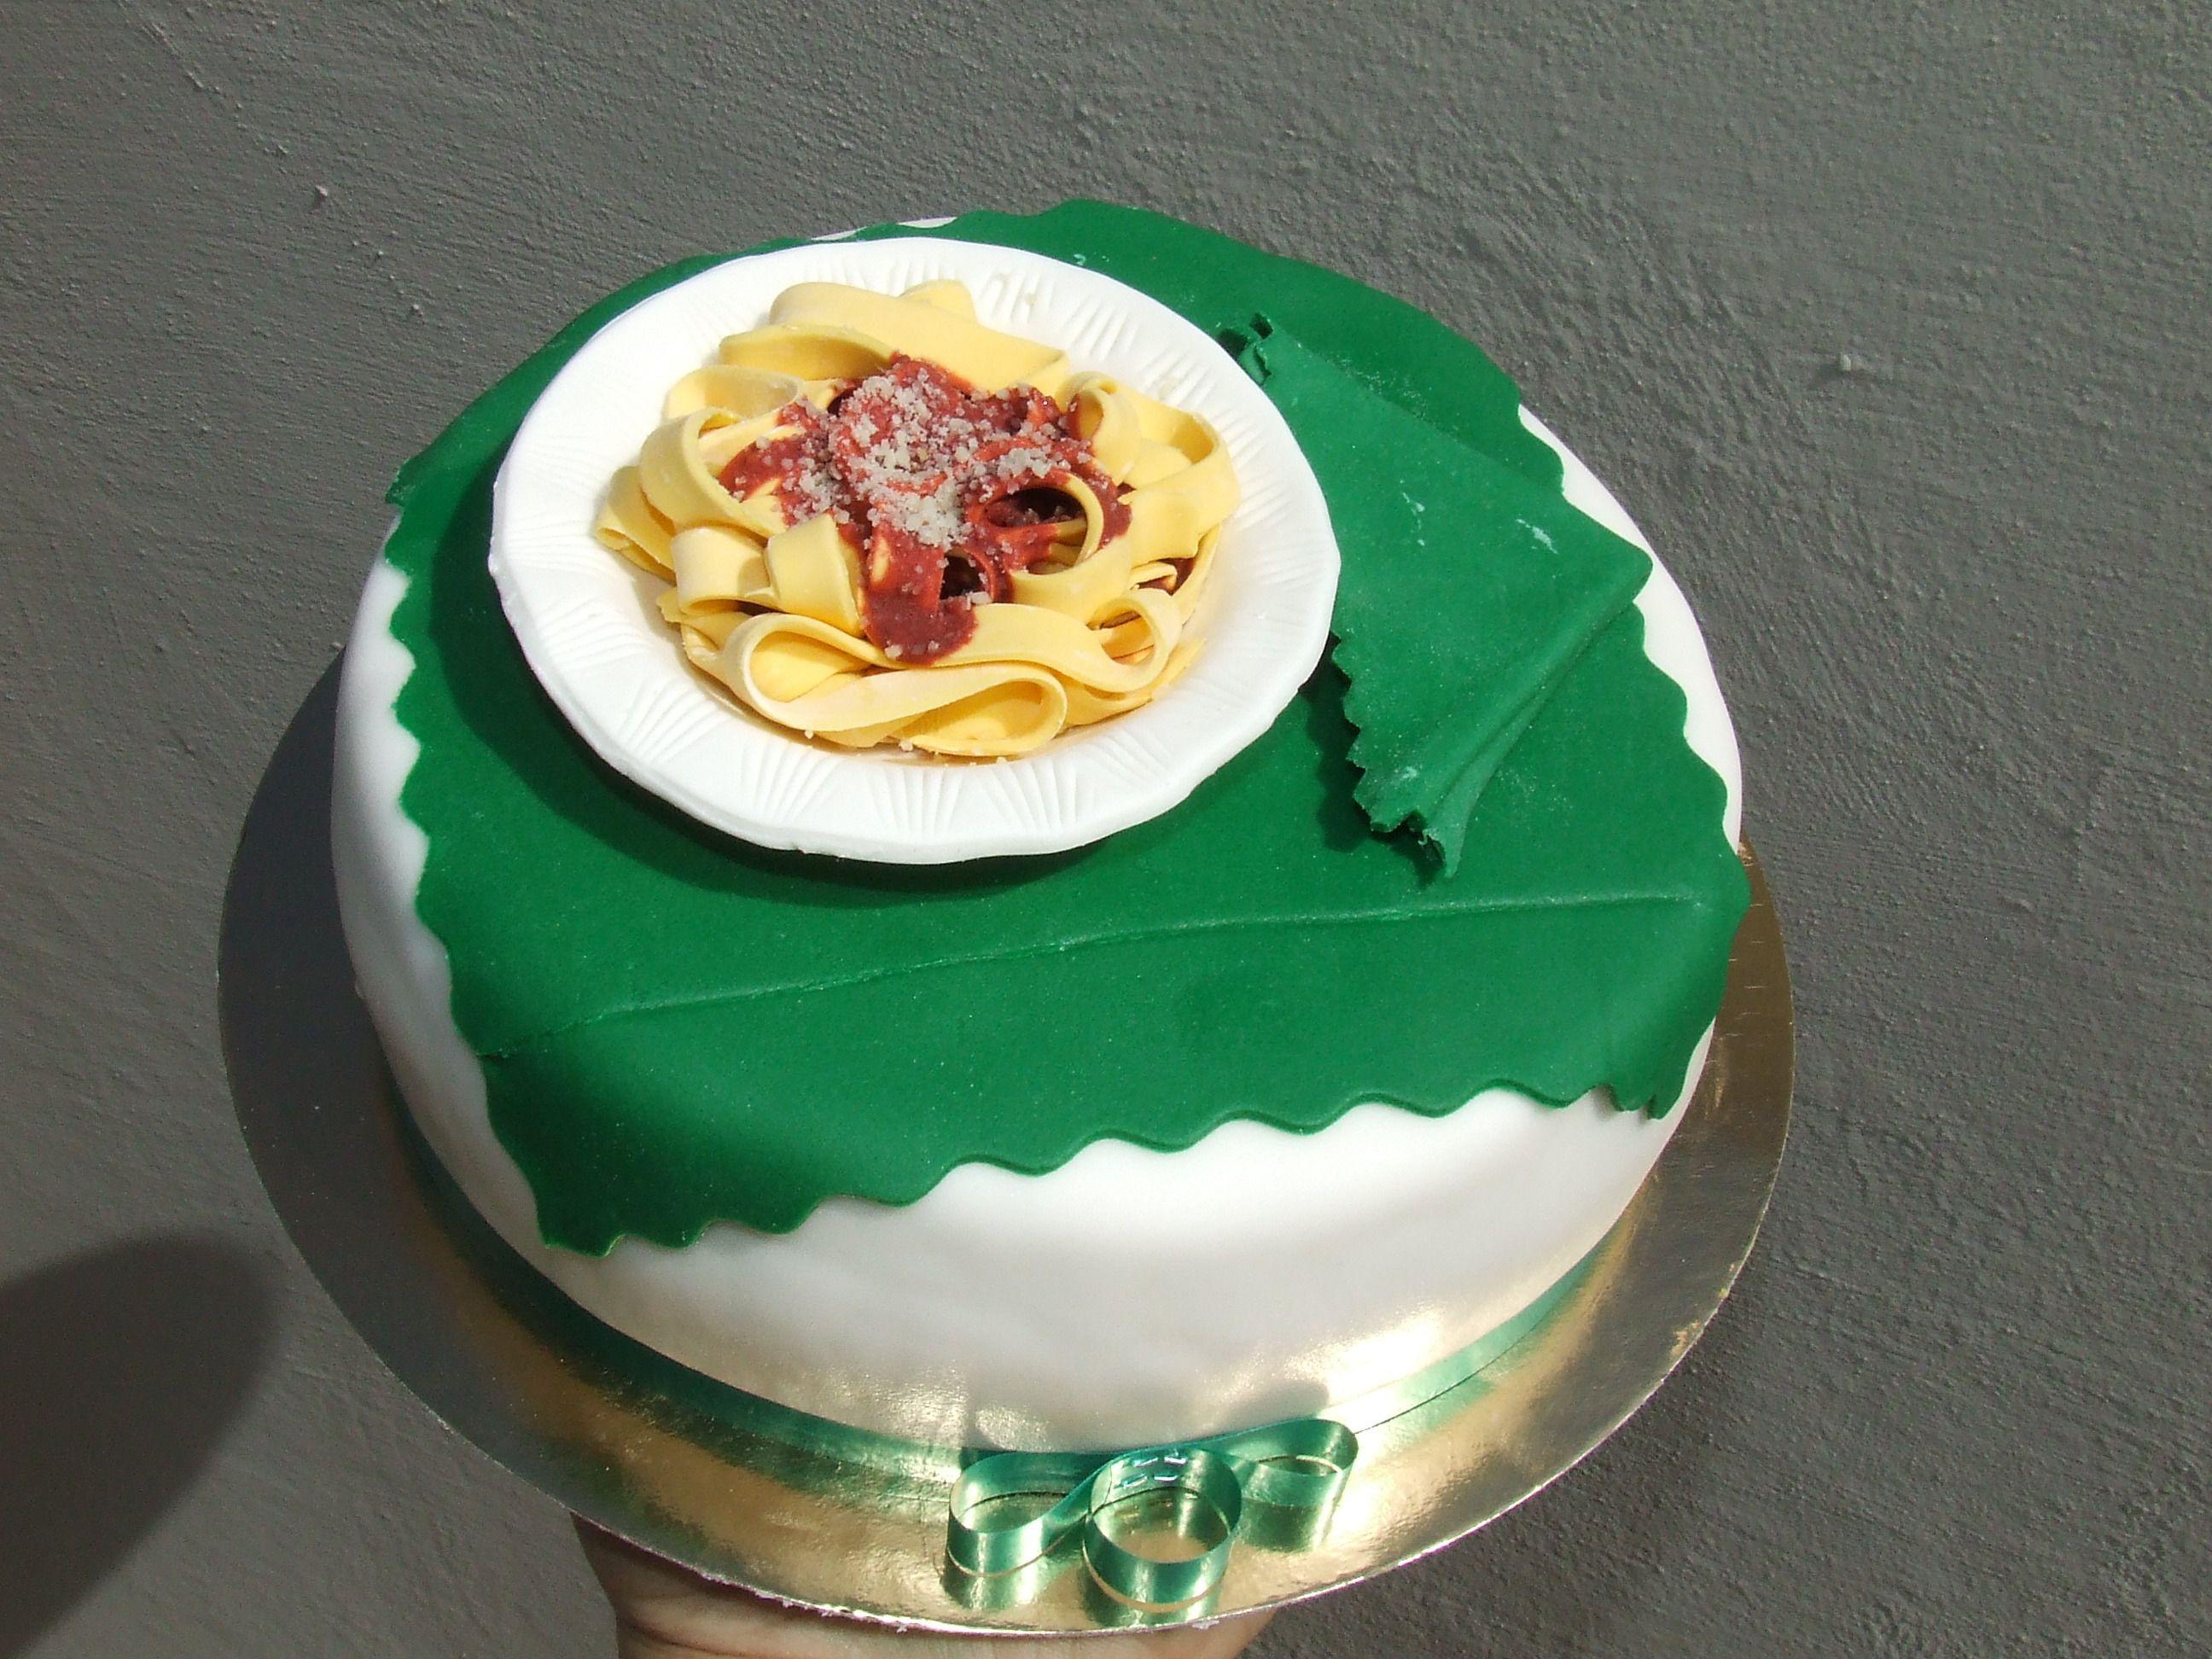 Torta tagliatelle al sugo